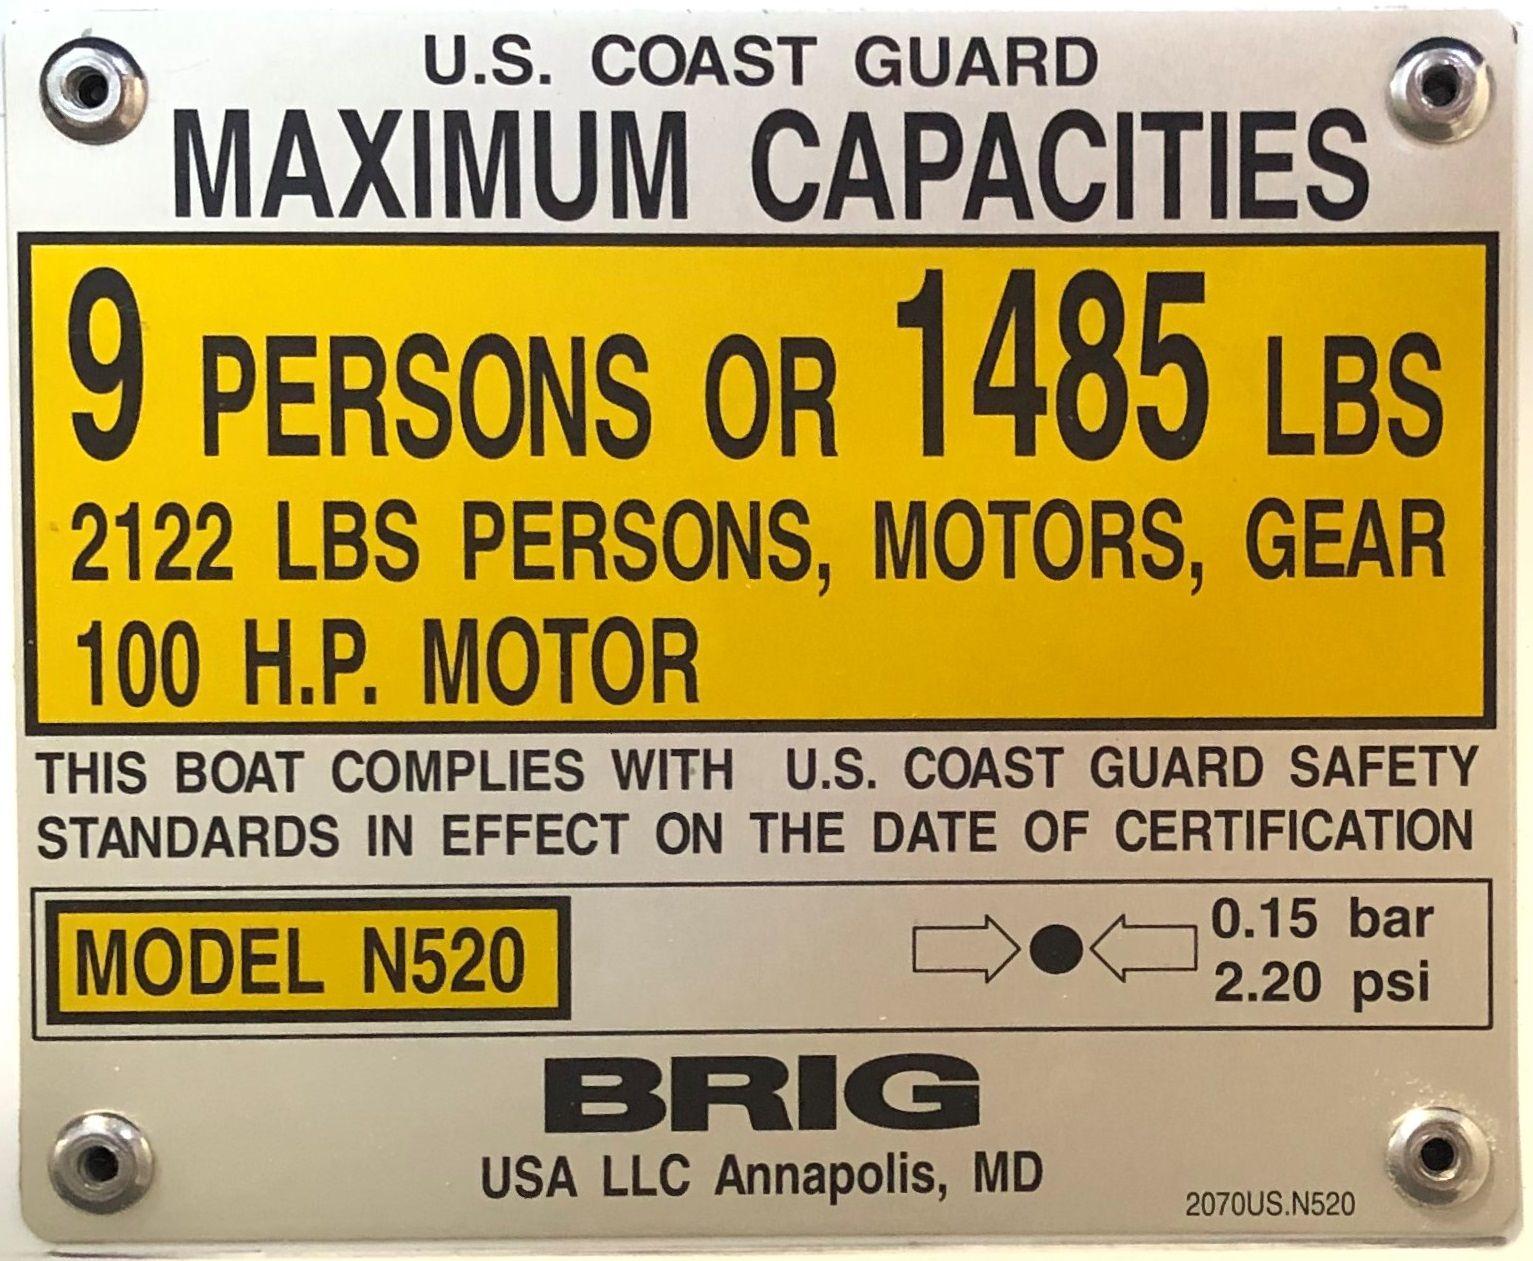 USCG Maximum Capacities Plate